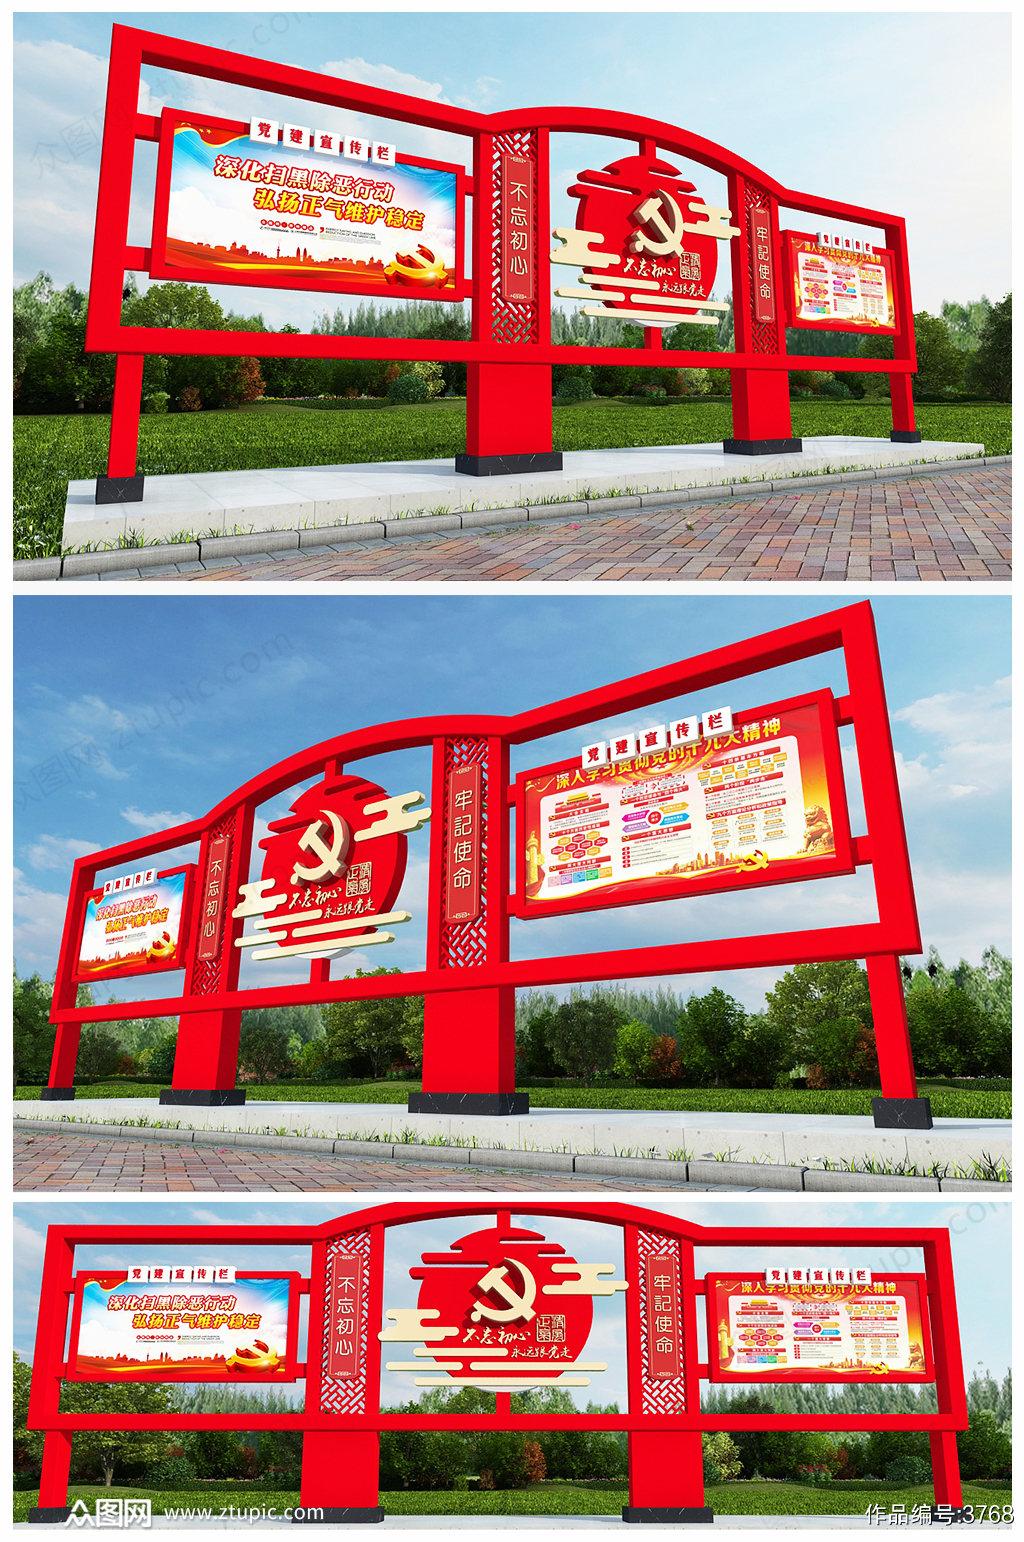 党建红色宣传栏模型素材